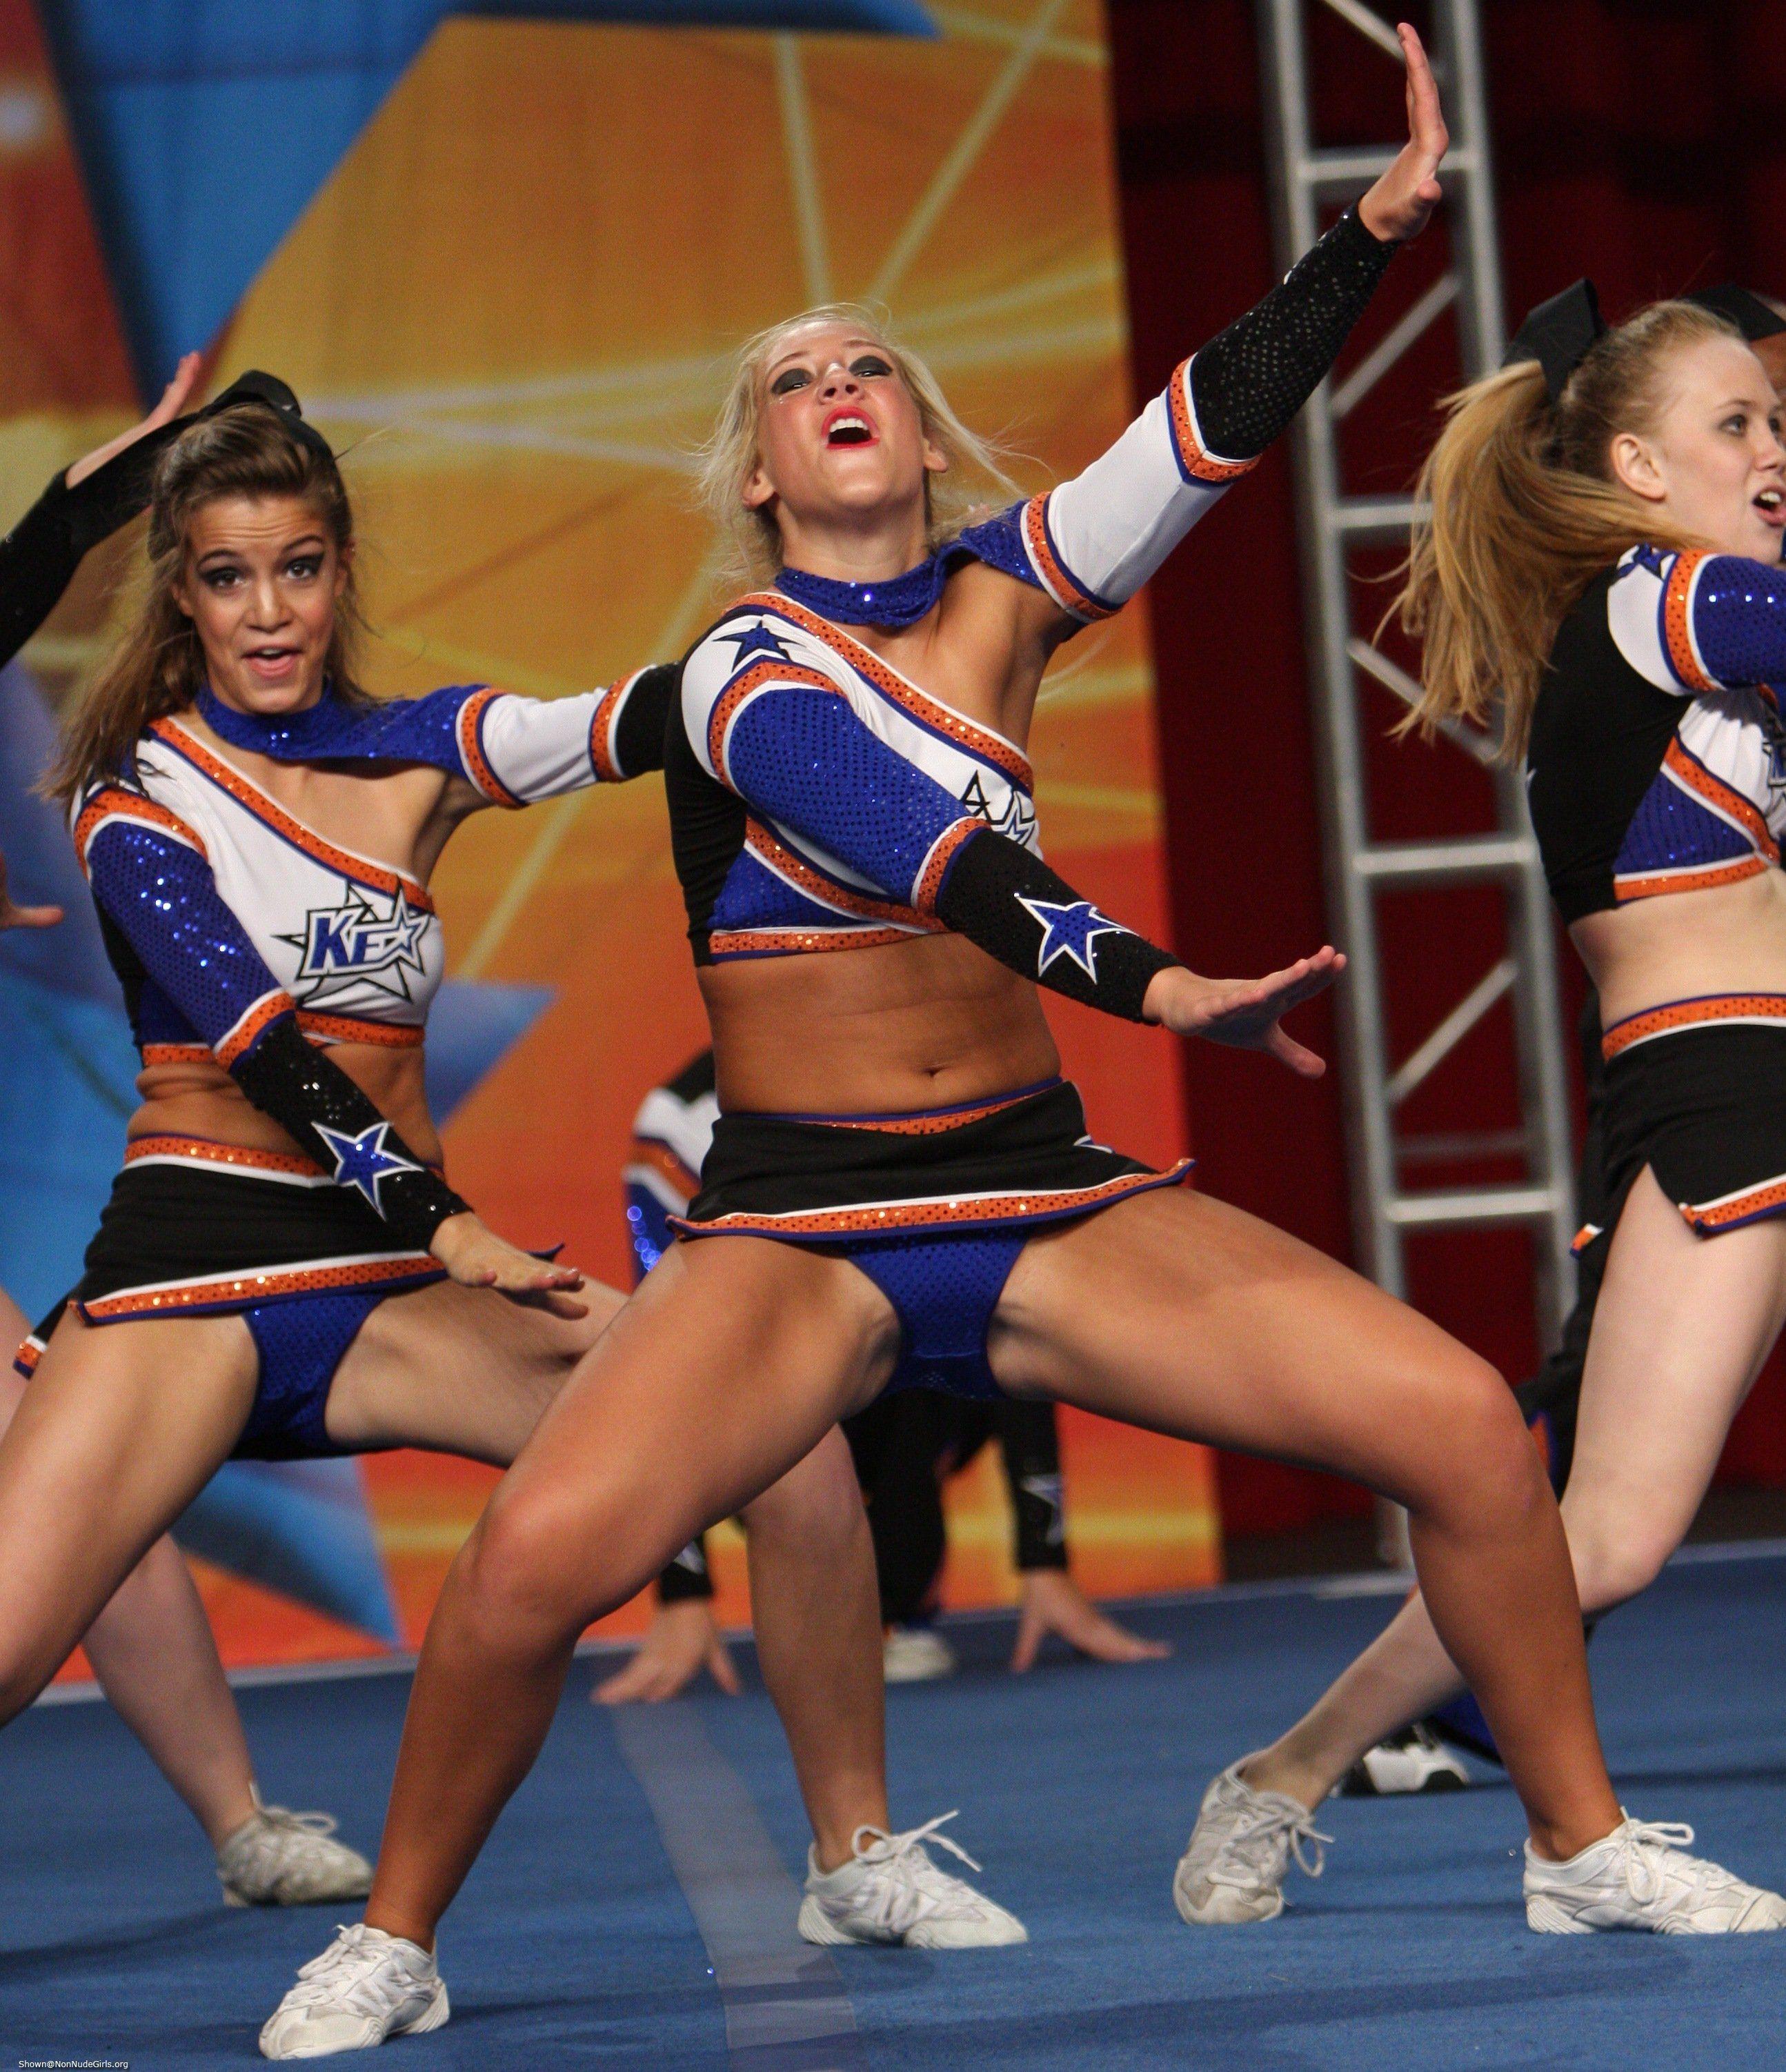 Tin M. reccomend Free upskirt cheerleaders